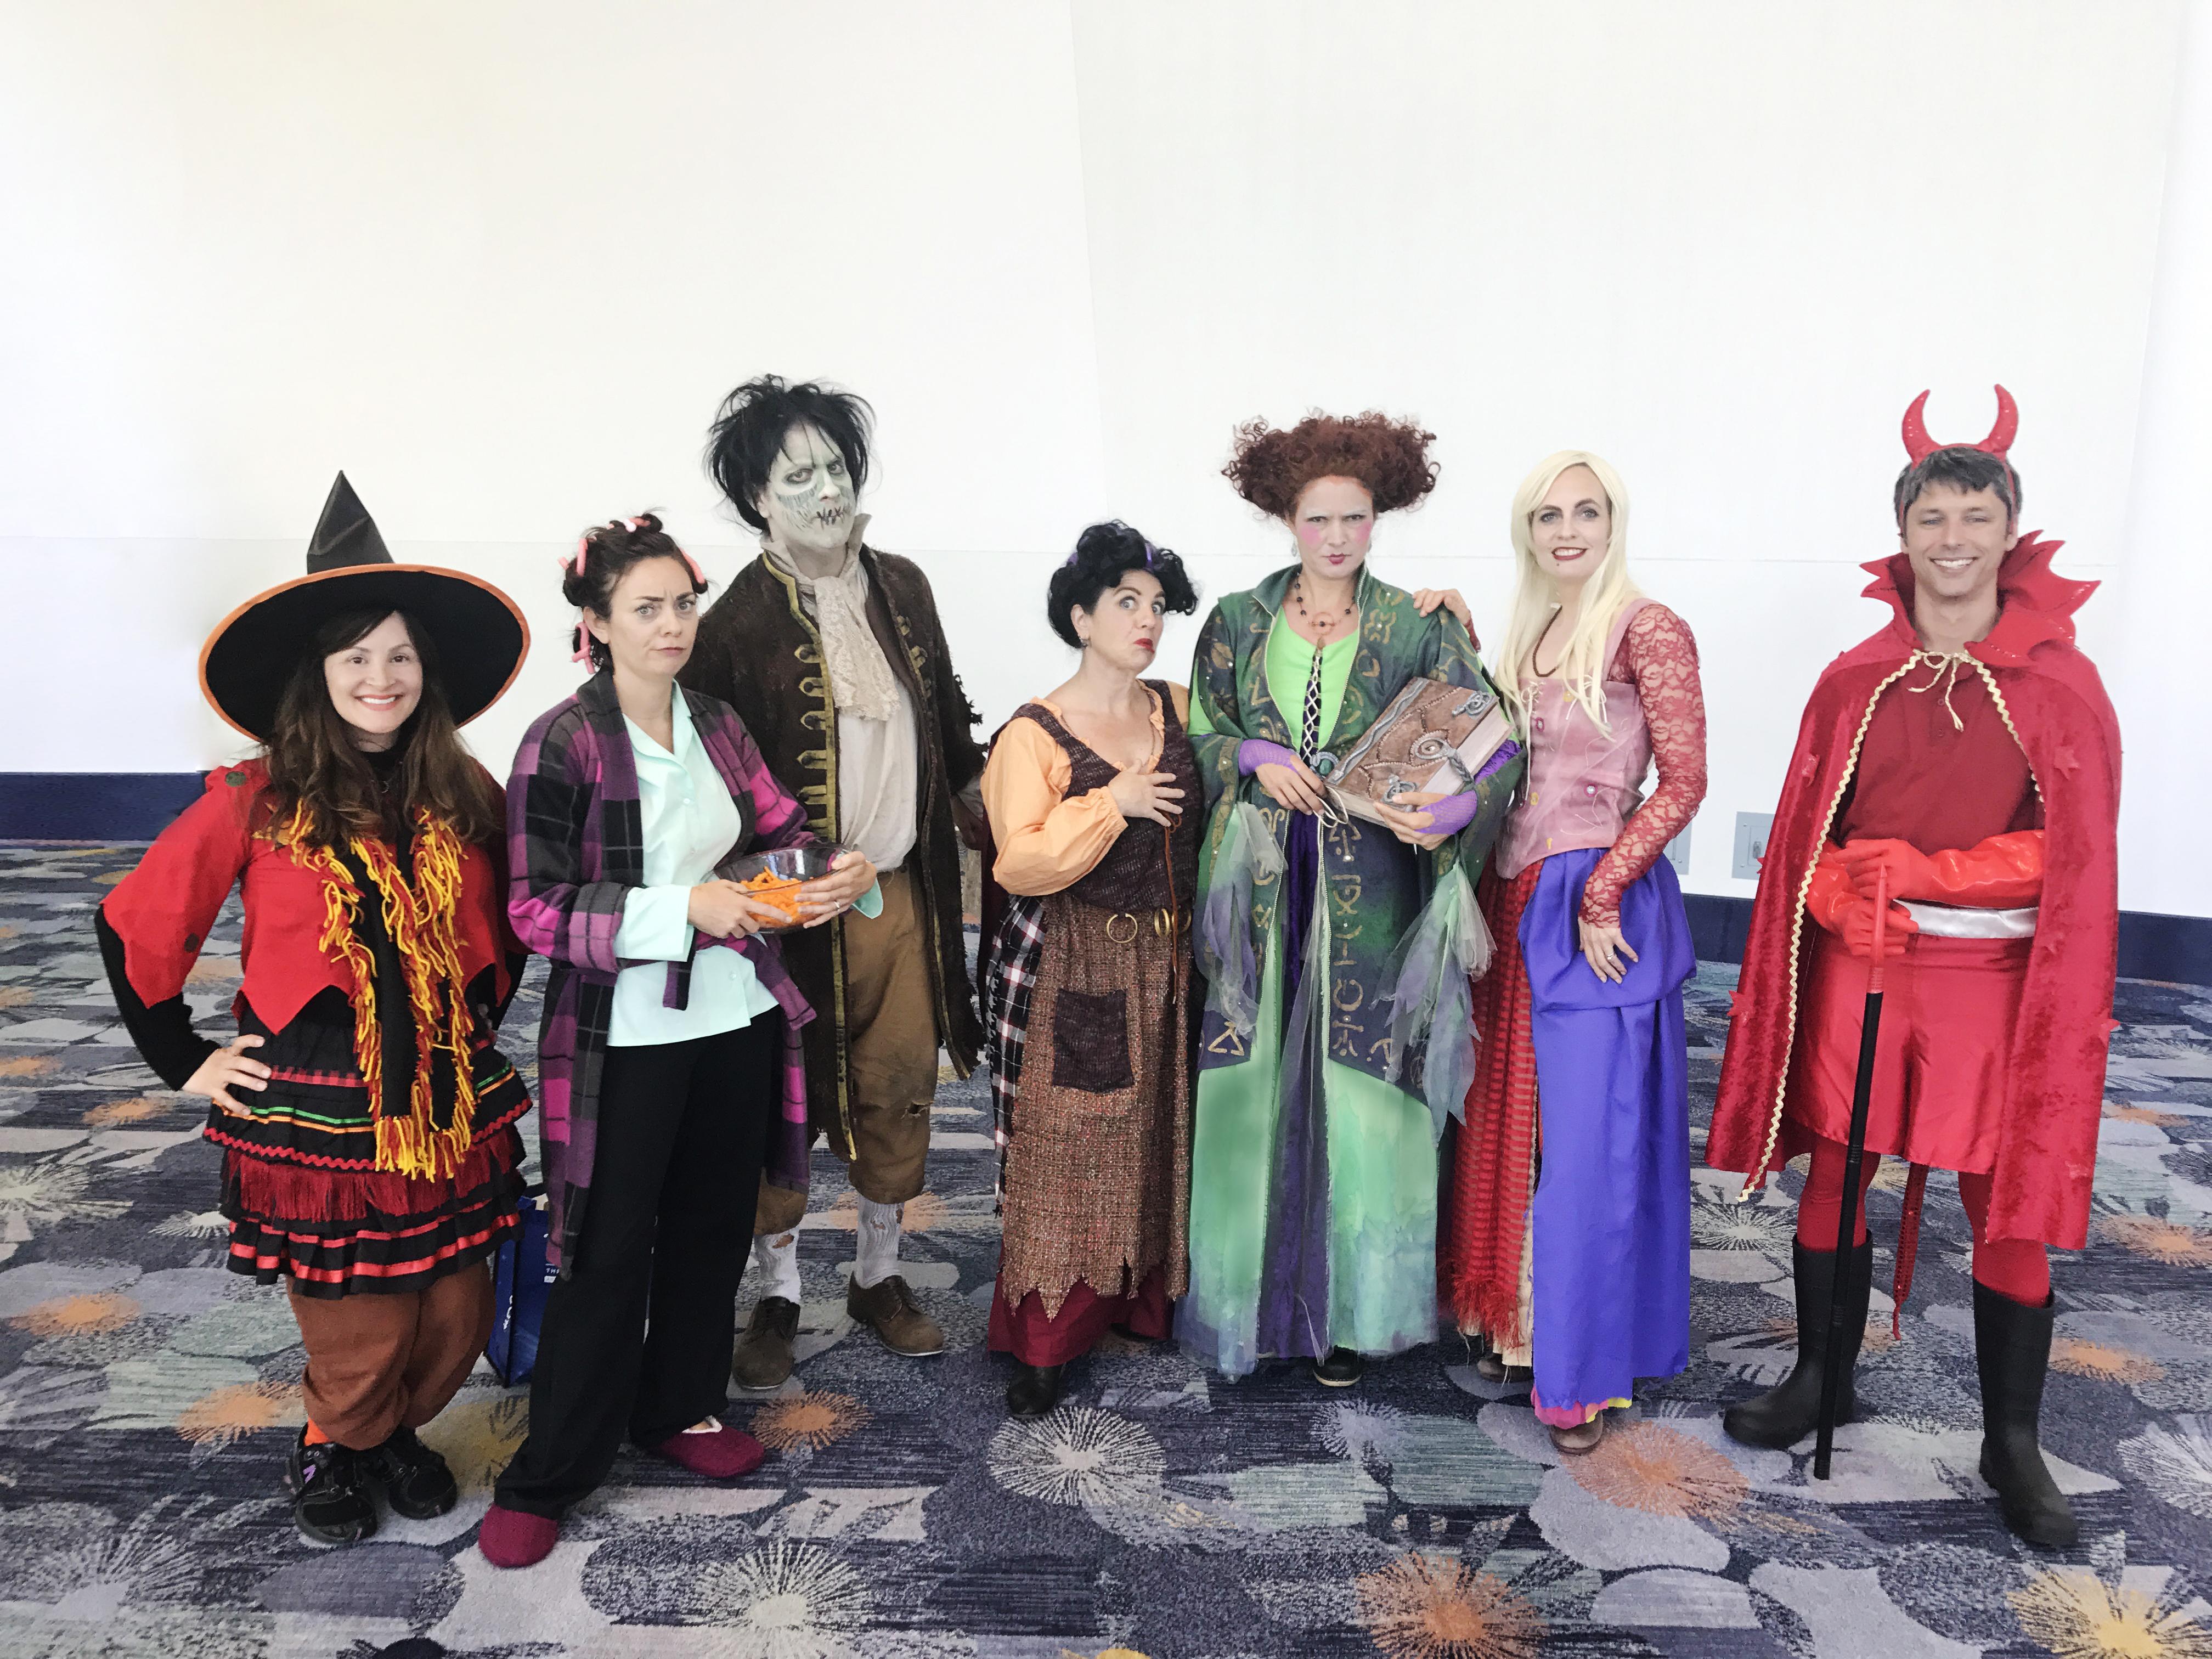 D23_Mousequerade__2017_hocus_pocus_costume.jpg